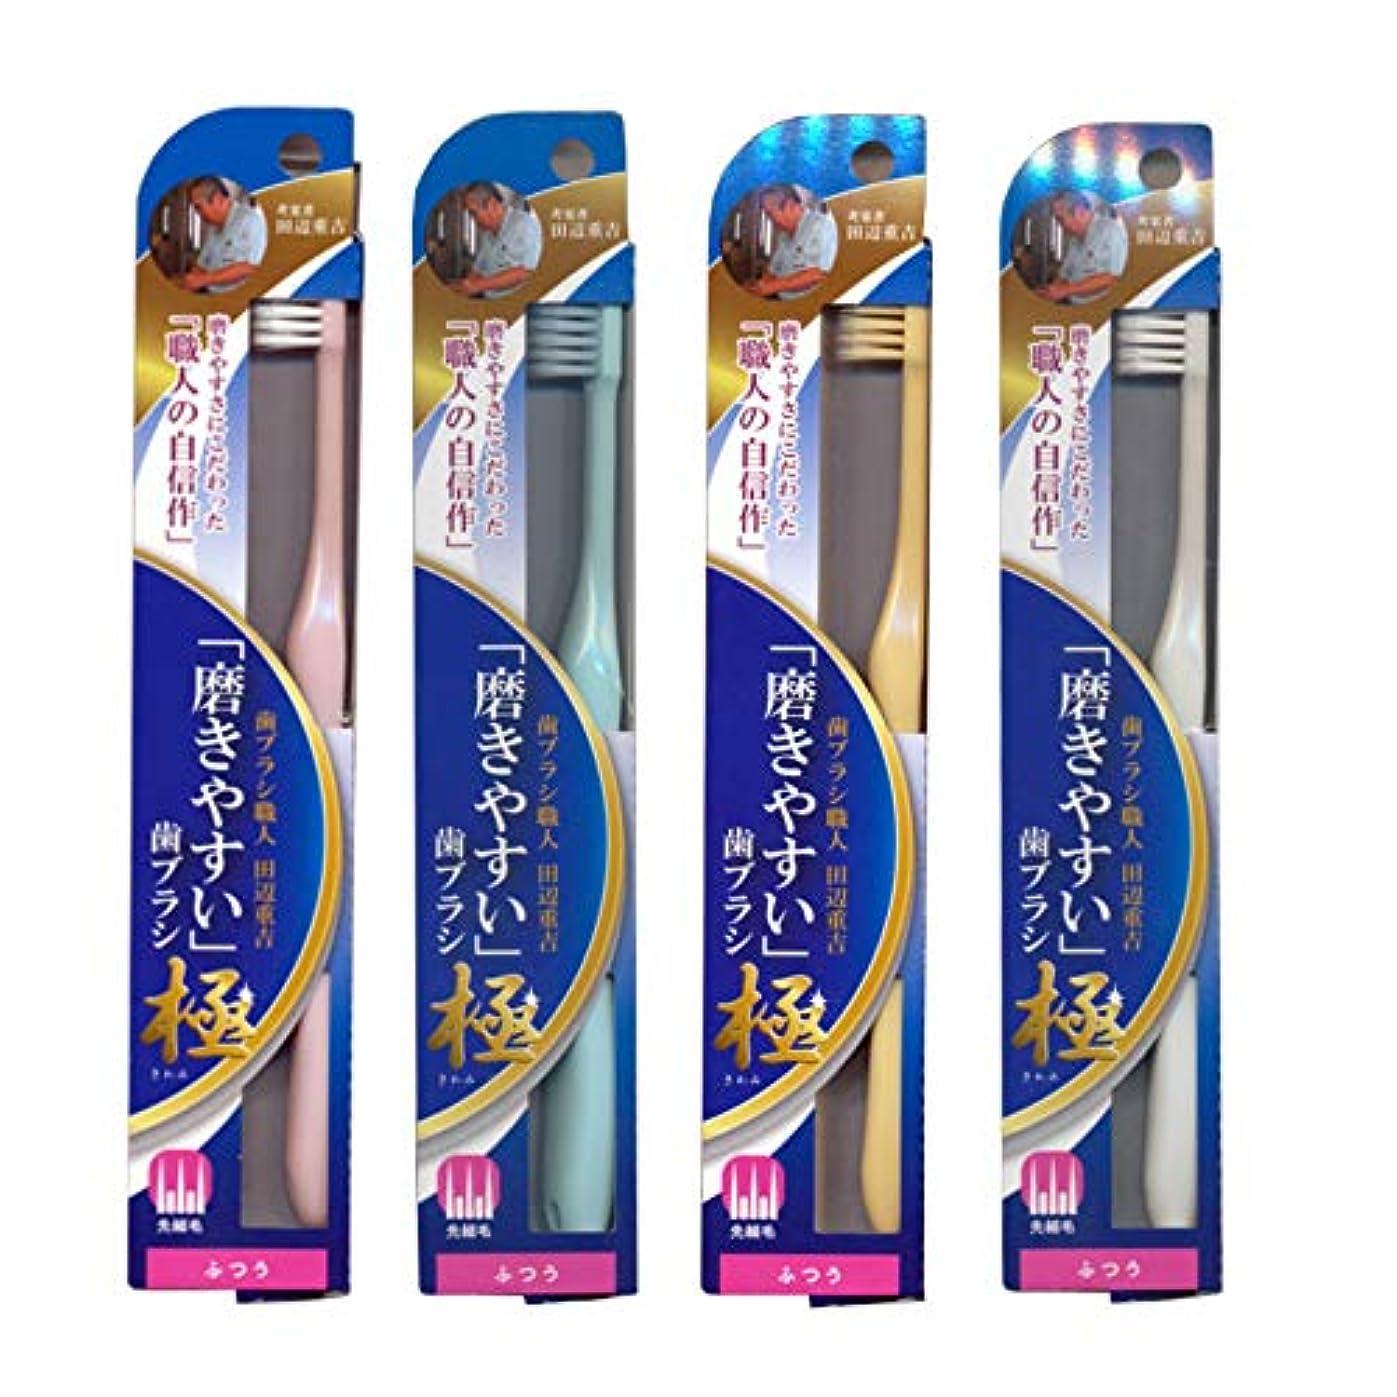 無傷体操選手家禽磨きやすい歯ブラシ極 (ふつう) LT-44×4本セット(ピンク×1、ブルー×1、ホワイト×1、イエロー×1)先細毛